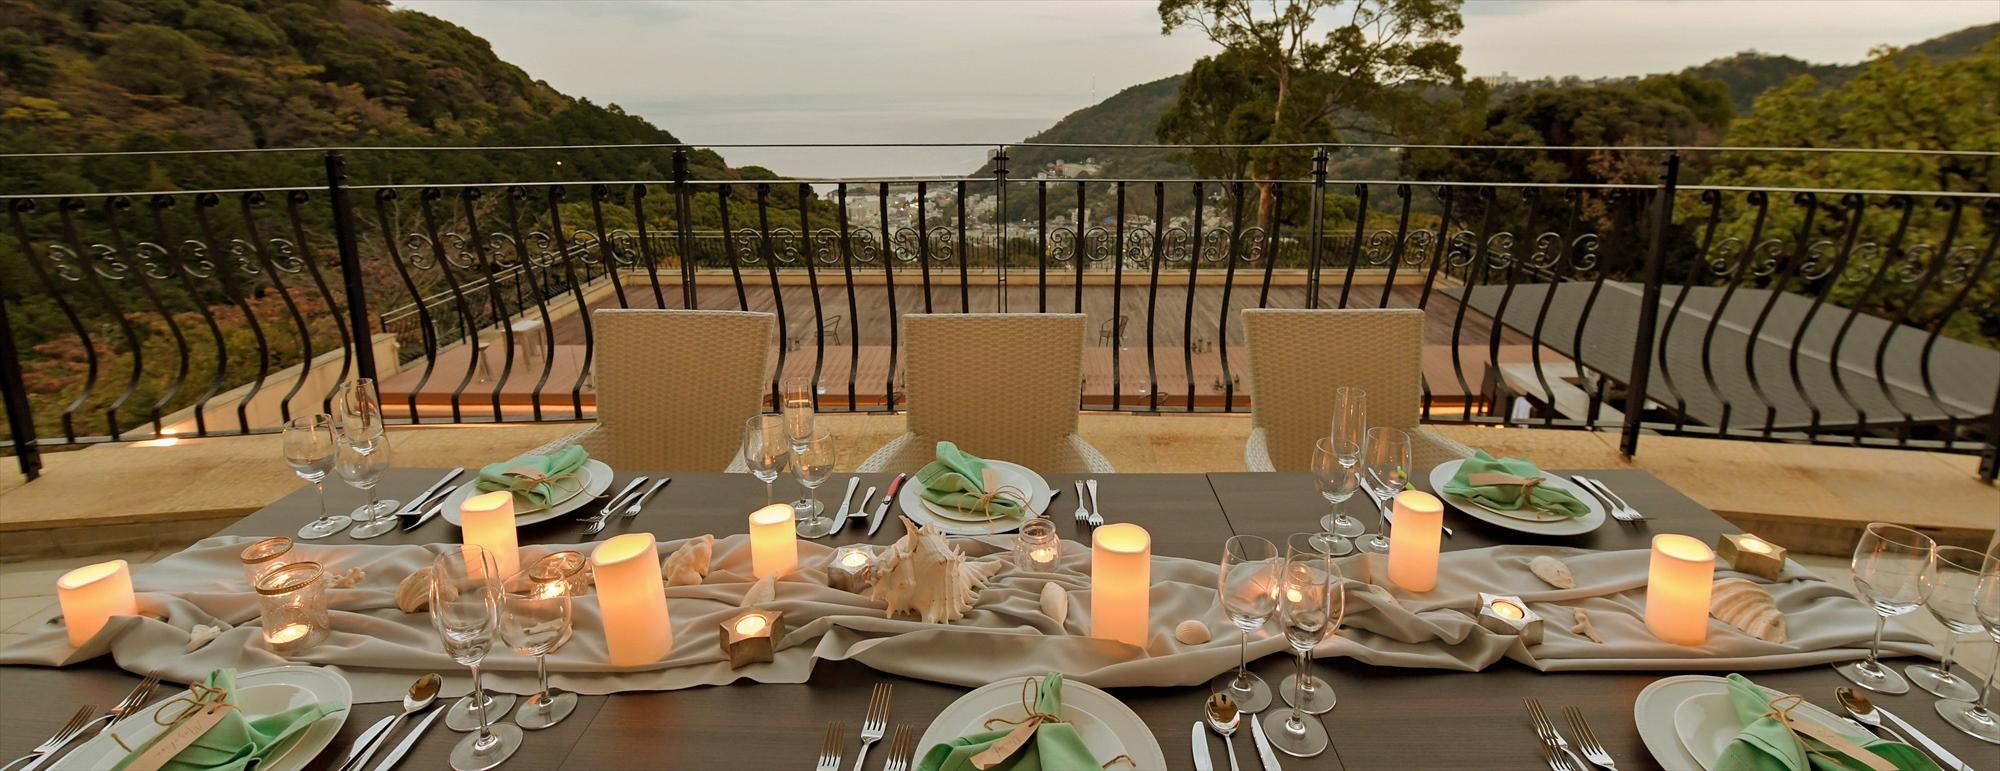 熱海貸切サンセット・ウェディングパーティー Atami Sunset Wedding Party Atami Spa& Resort 熱海スパ&リゾート 会場装飾